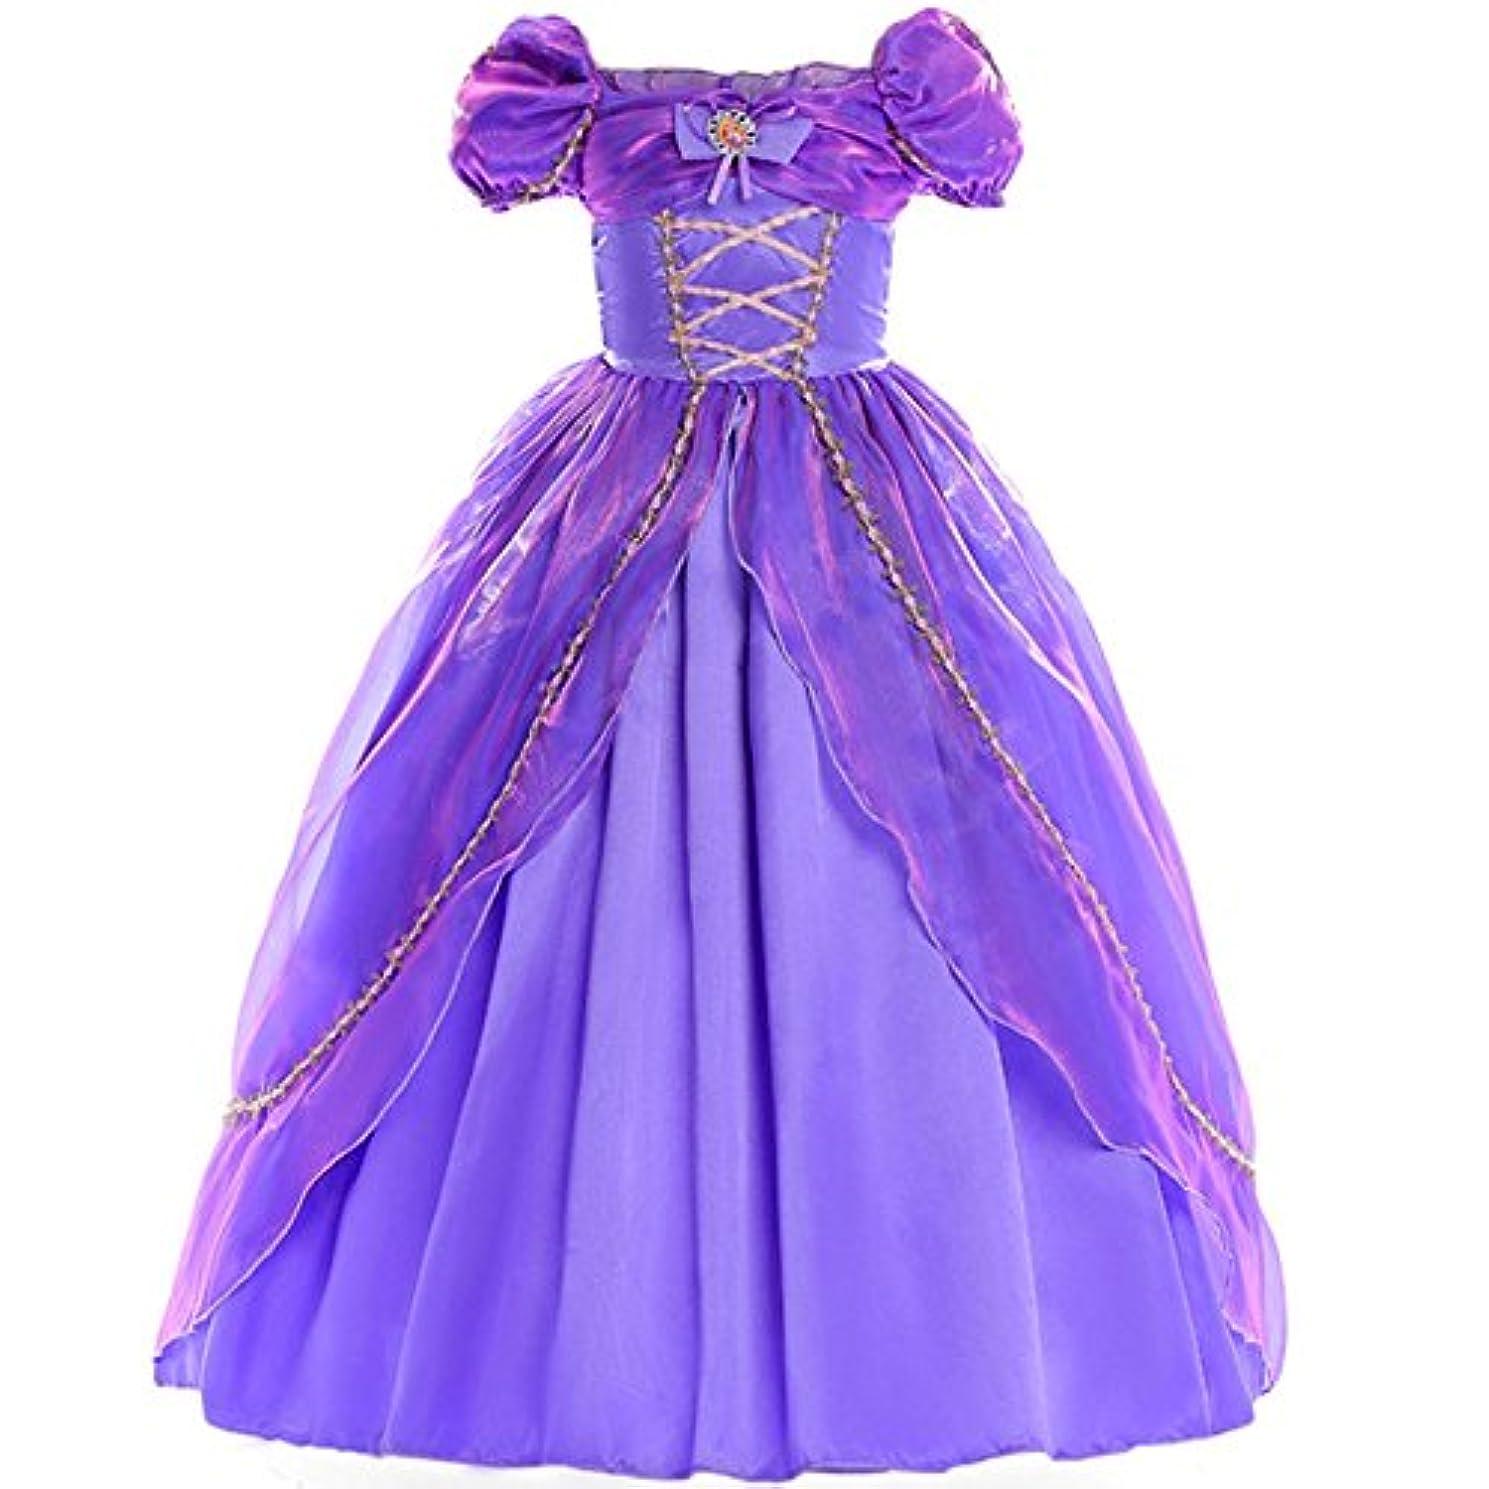 フランクワースリー保証する縮約Forpend 子供ドレス ラプンツェル風ドレス パープル コスチューム なりきりキ お姫様 プリンセス 女の子 ワンピース110 120 130 140 クリスマス 誕生日 DR11